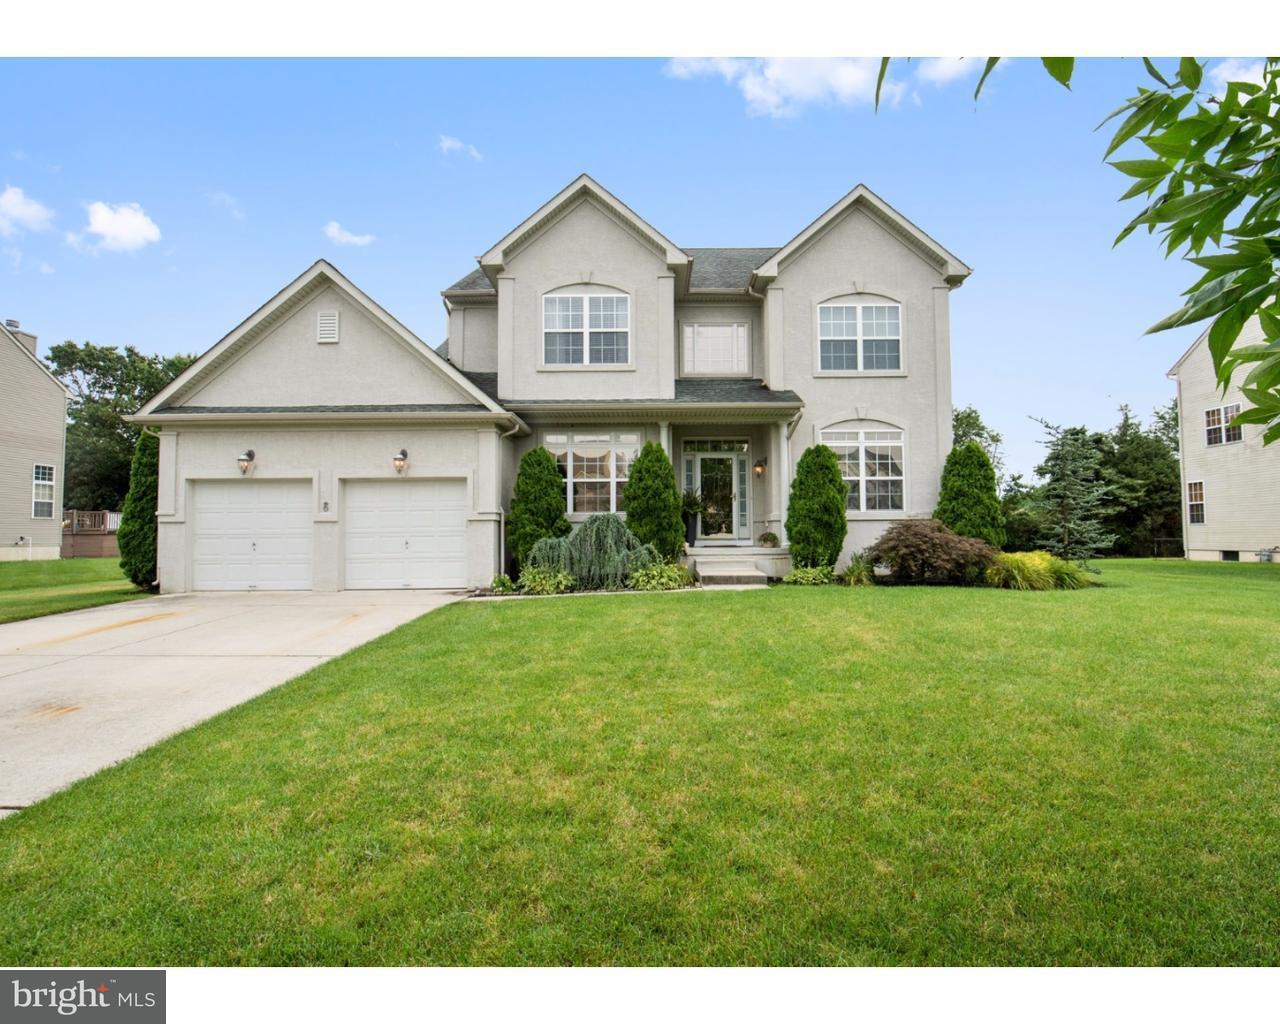 独户住宅 为 销售 在 8 CHILLEMI Court Berlin Boro, 新泽西州 08009 美国